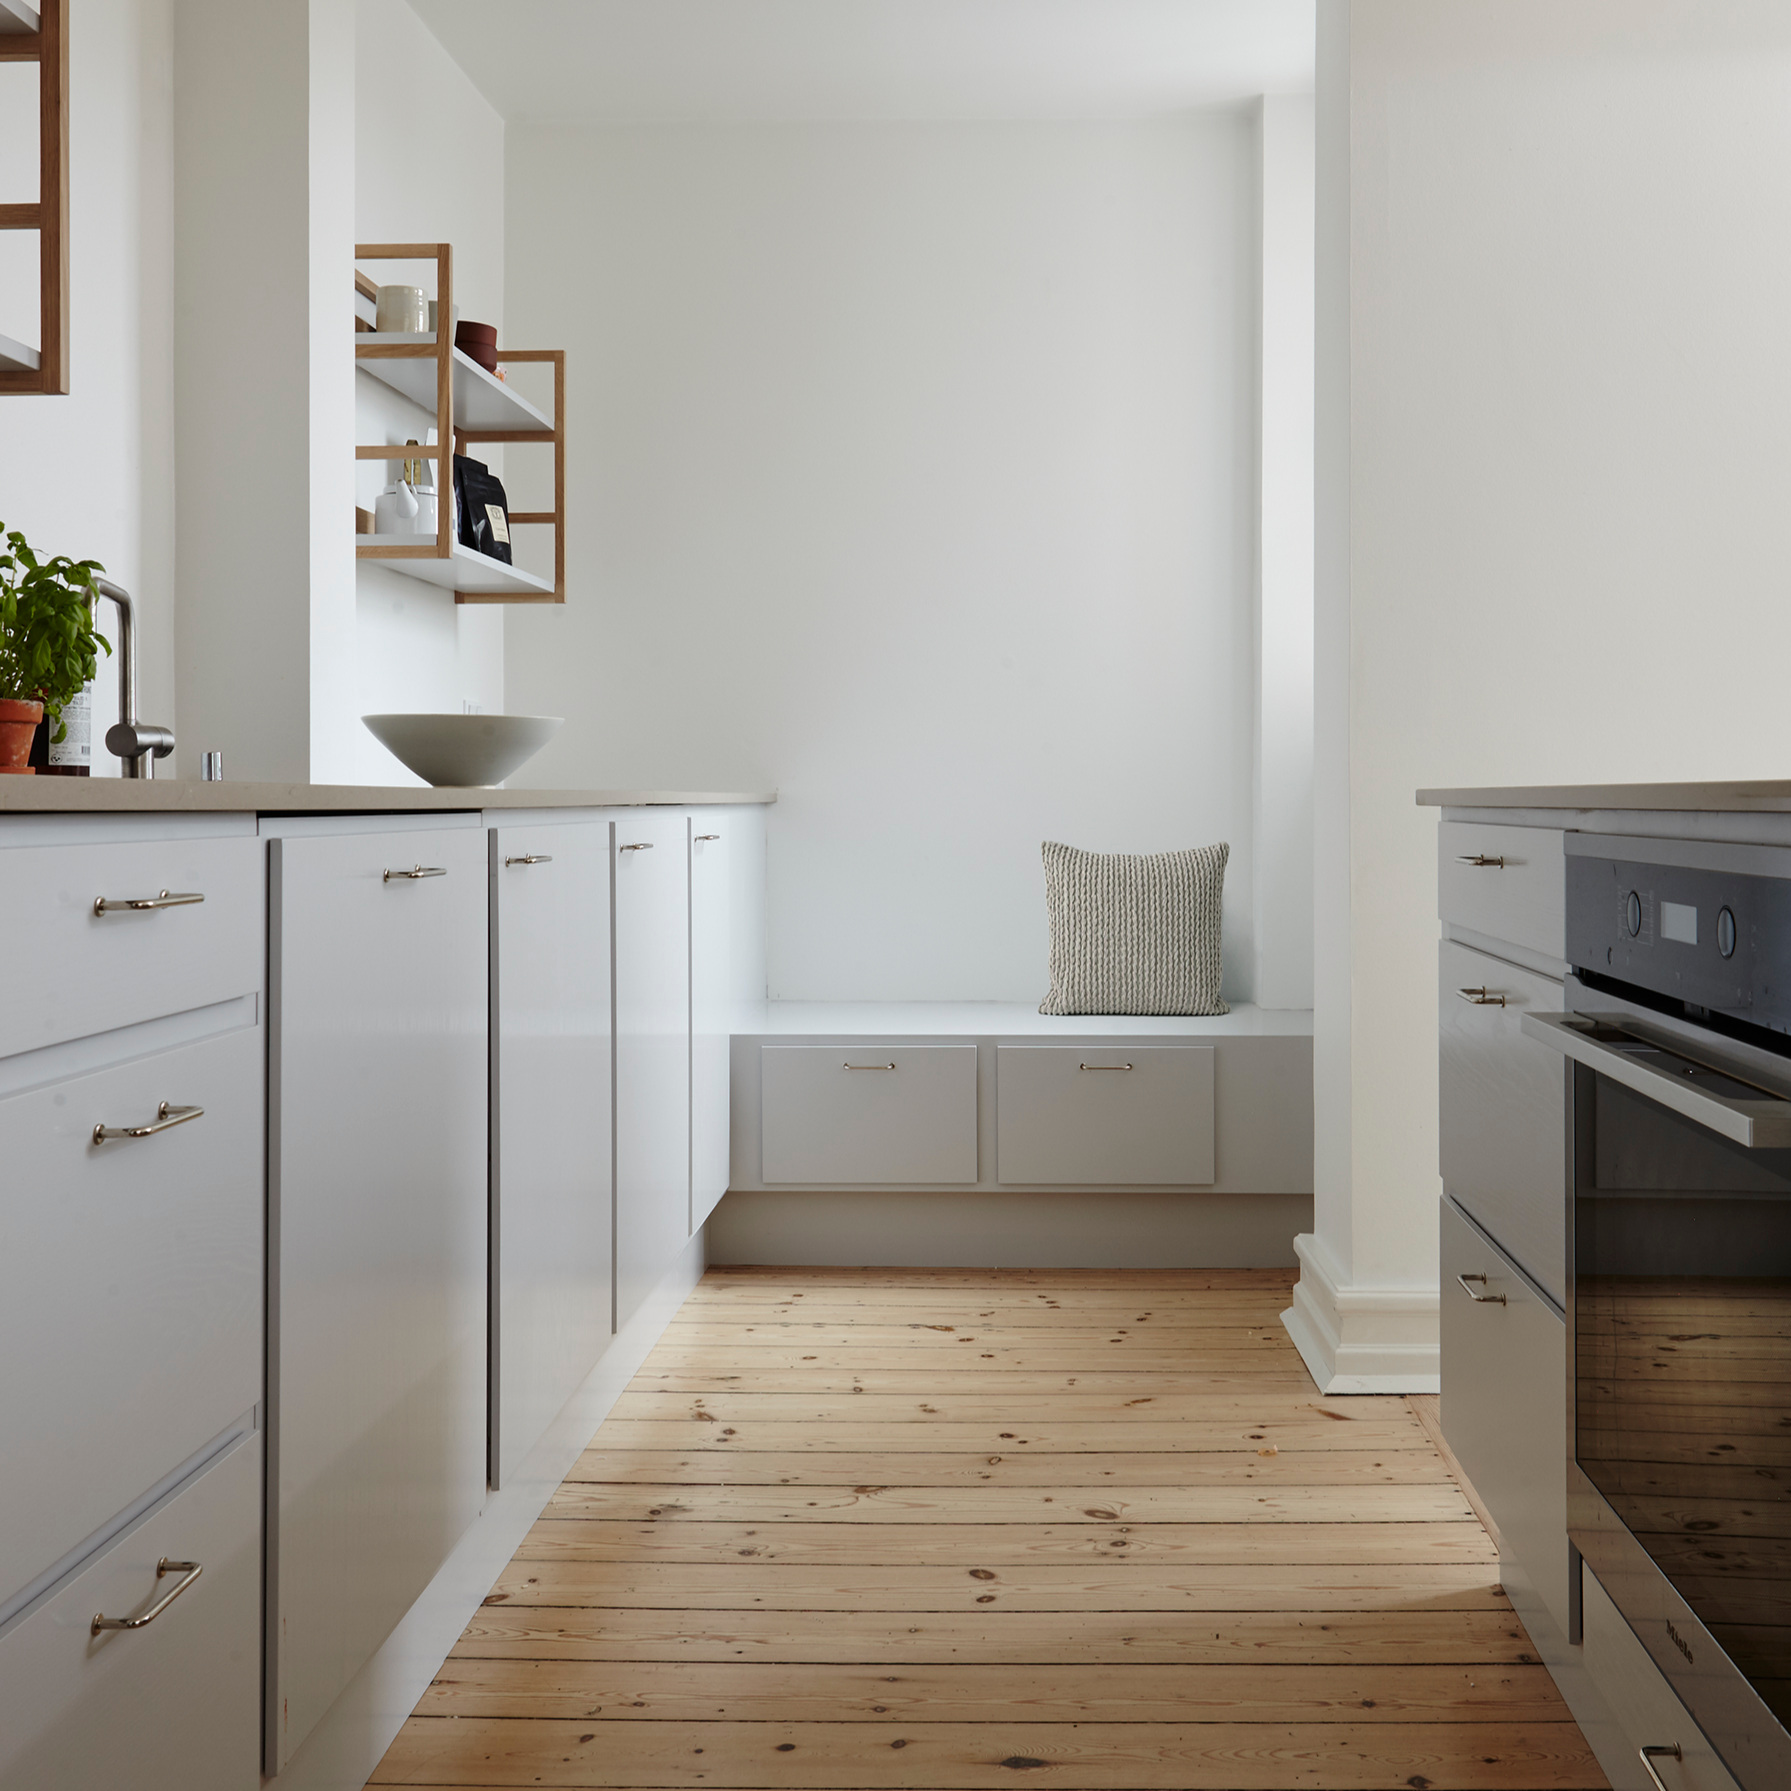 Projekt Nr. 19 Køkken på Østerbro